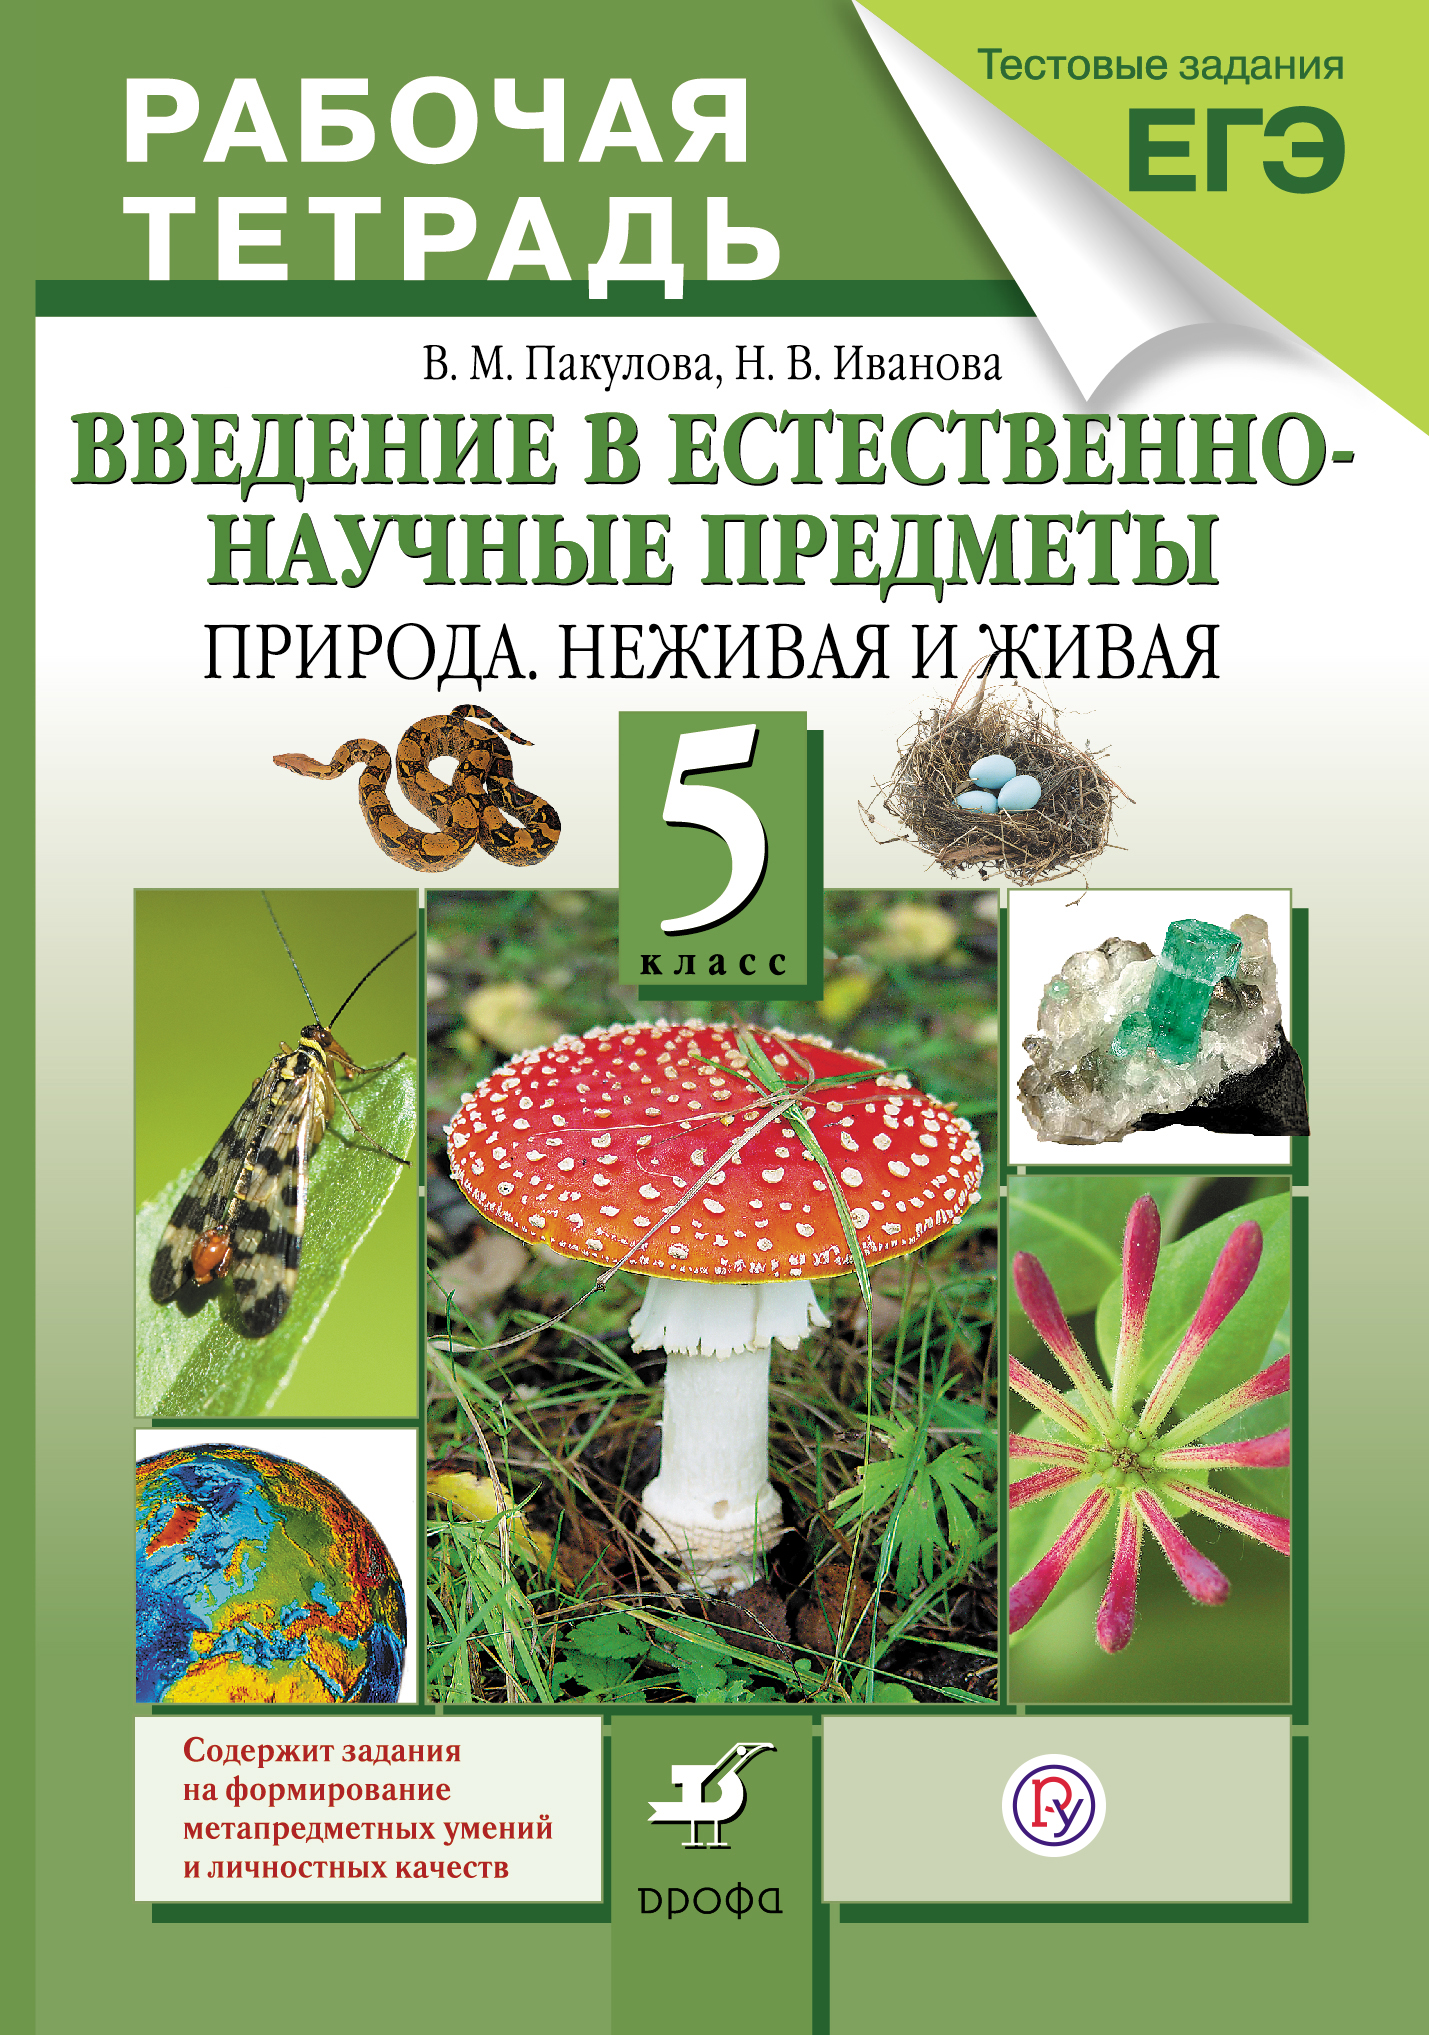 Введение в естественно-научные предметы. Природа. 5 класс. Рабочая тетрадь (с тестовыми заданиями ЕГЭ)